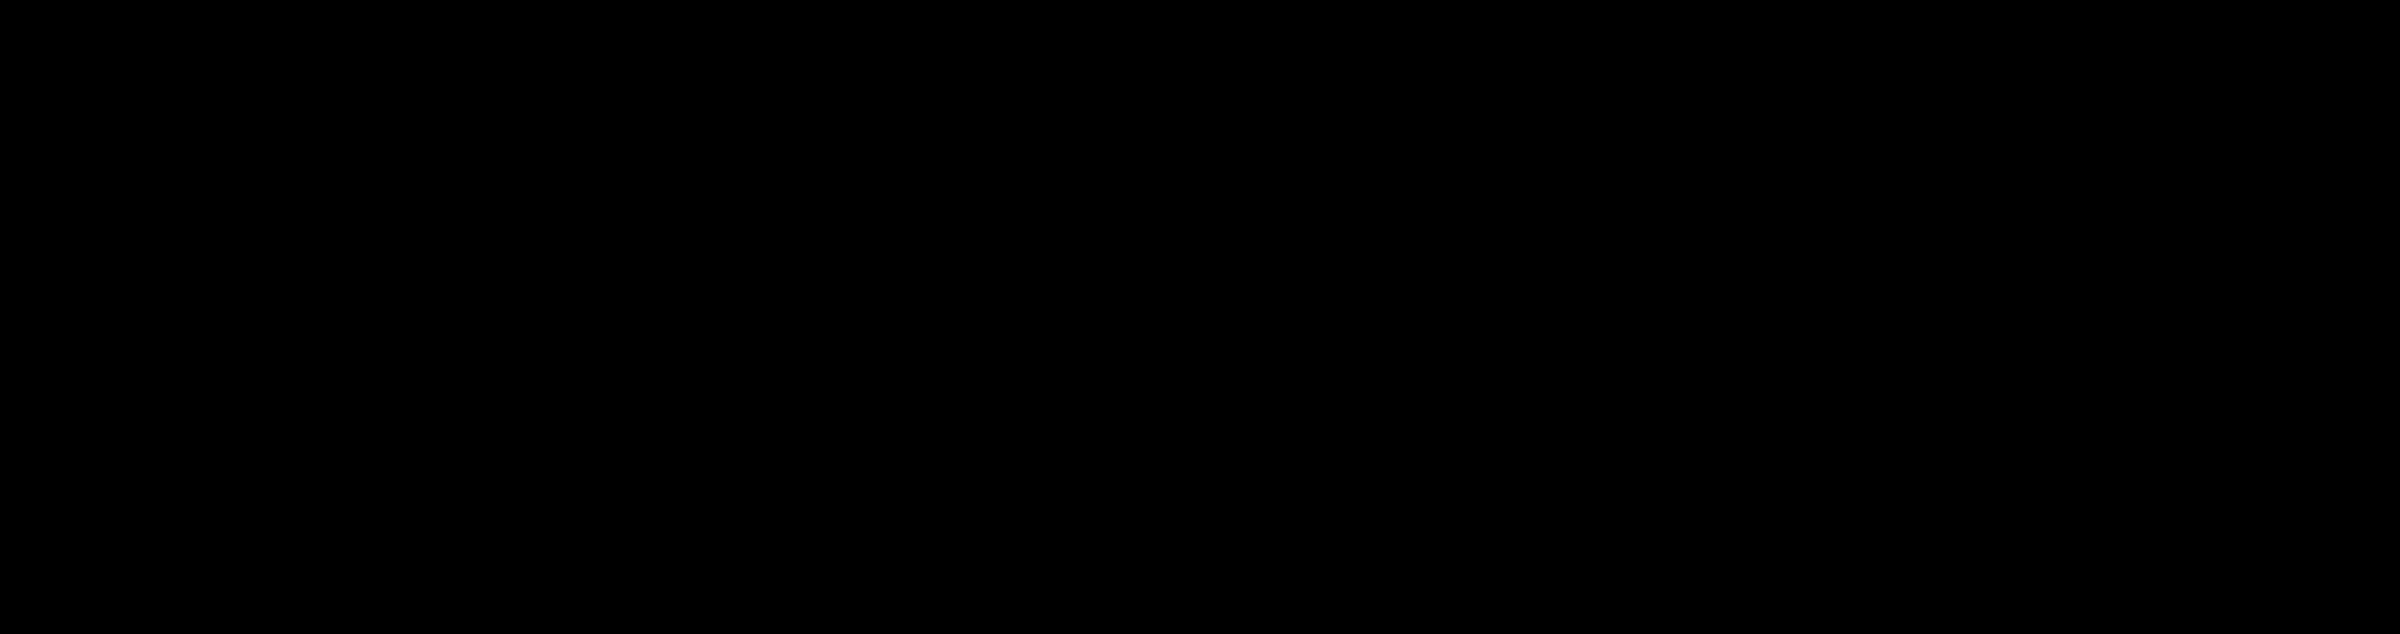 Taylor Swift Logo PNG Transparent & SVG Vector.